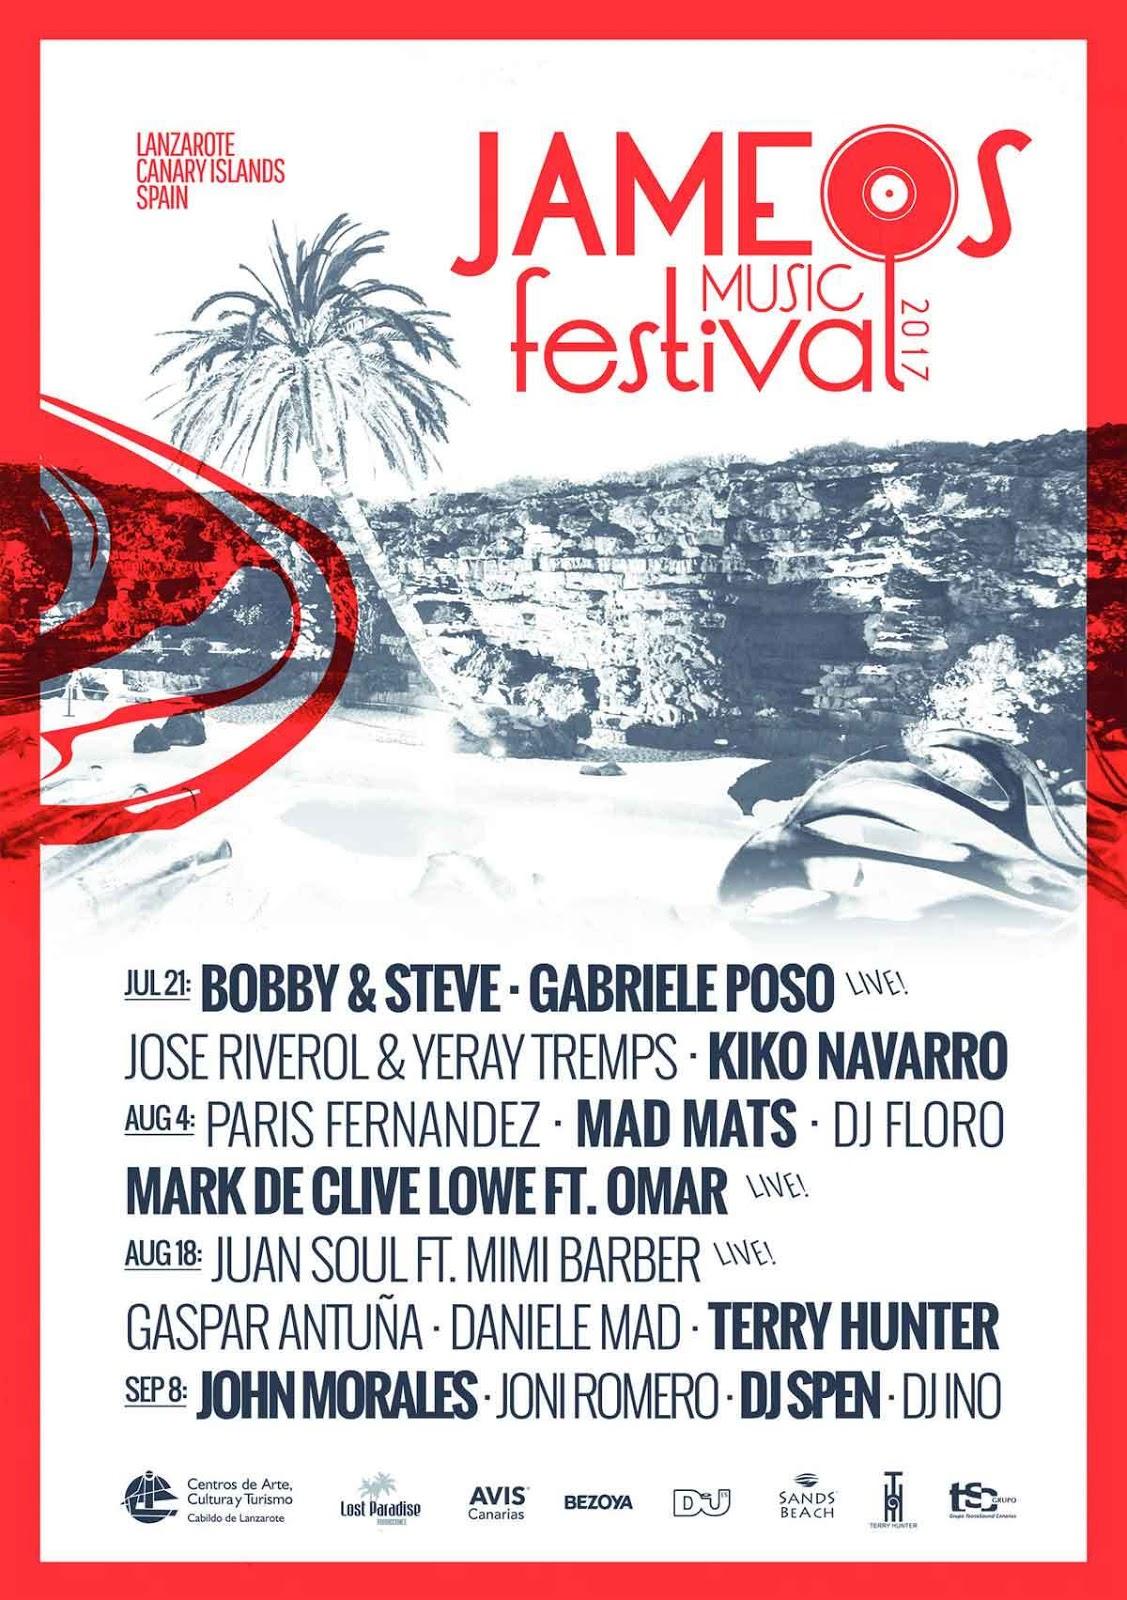 Enlace Funk Recomienda Jameos Music Festival Lanzarote